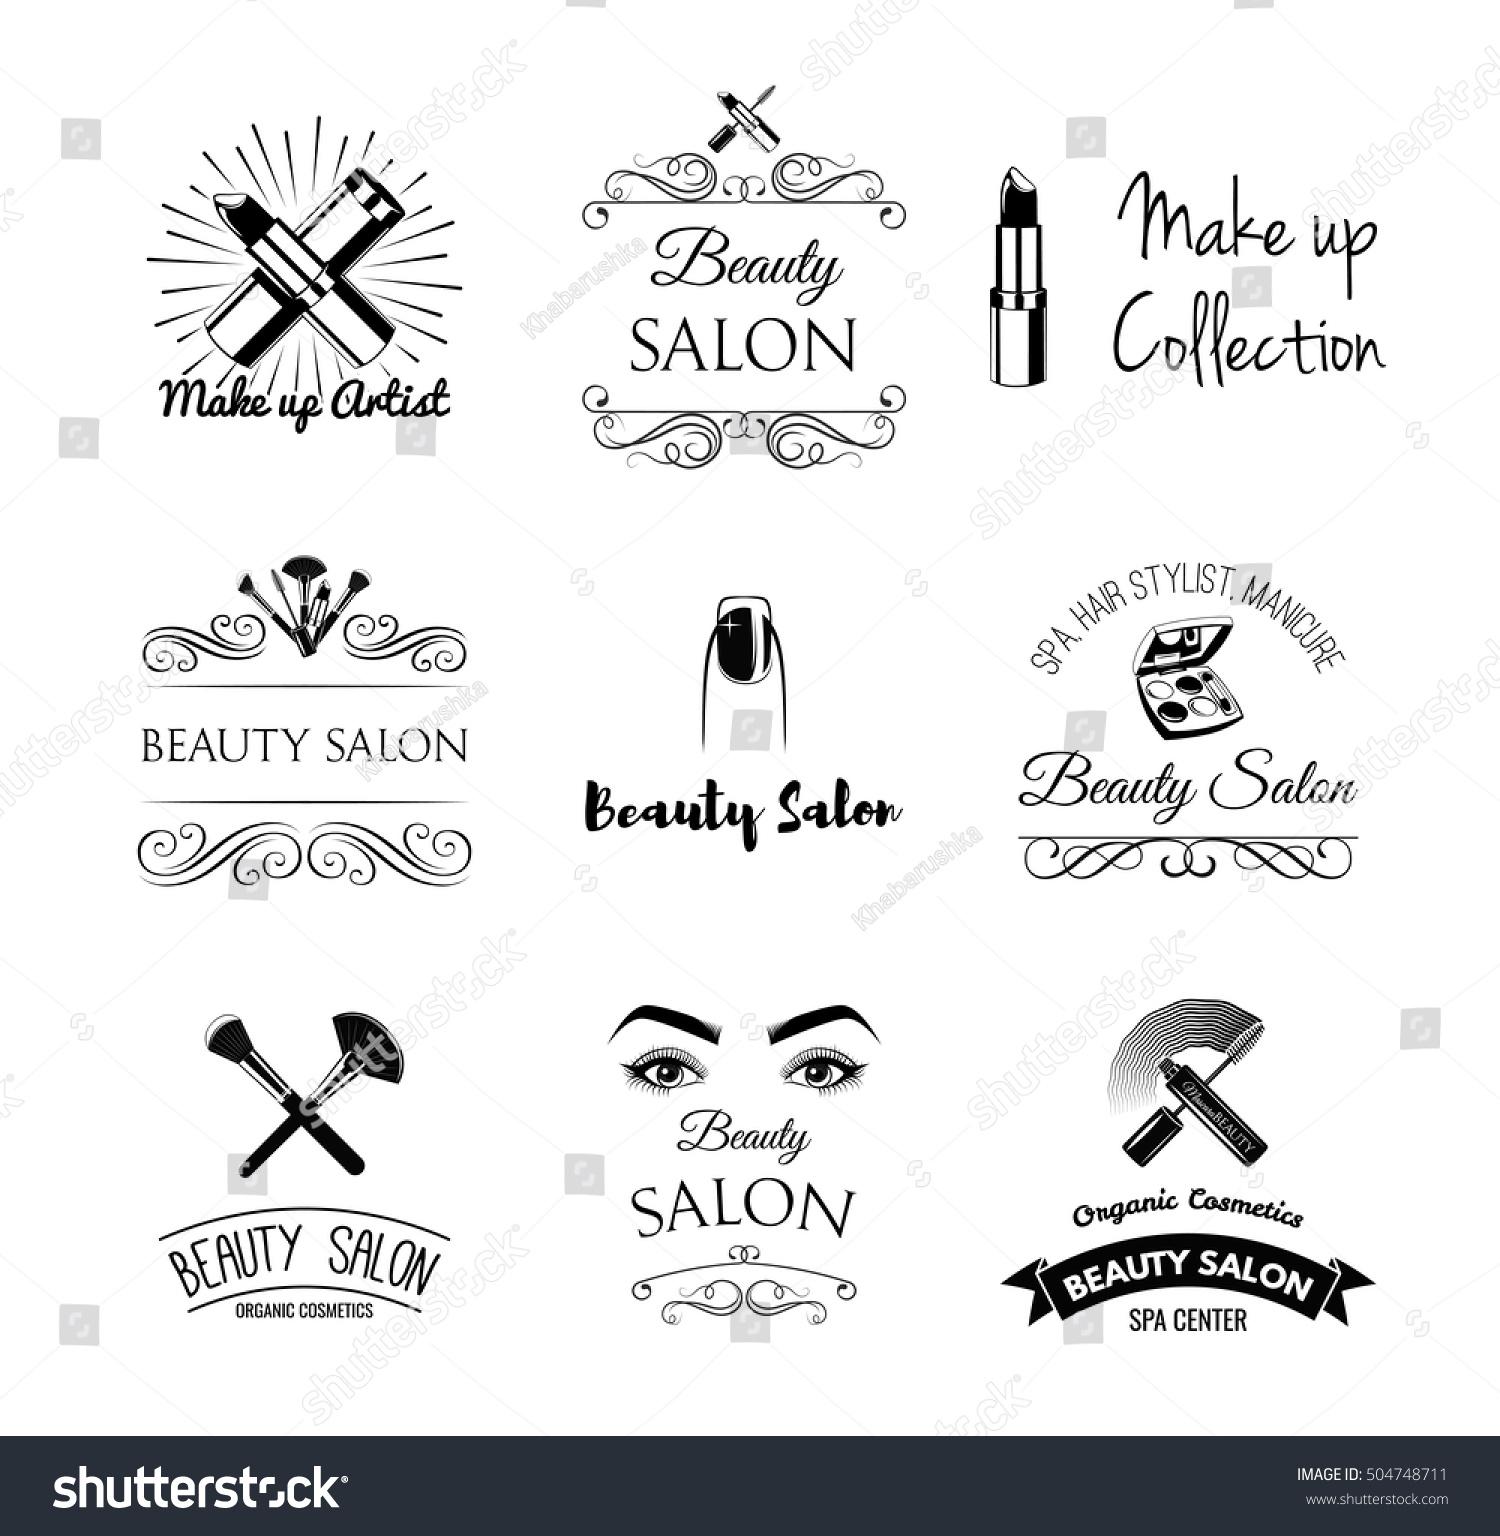 Beauty salon design elements vintage style stock vector for 4 elements salon